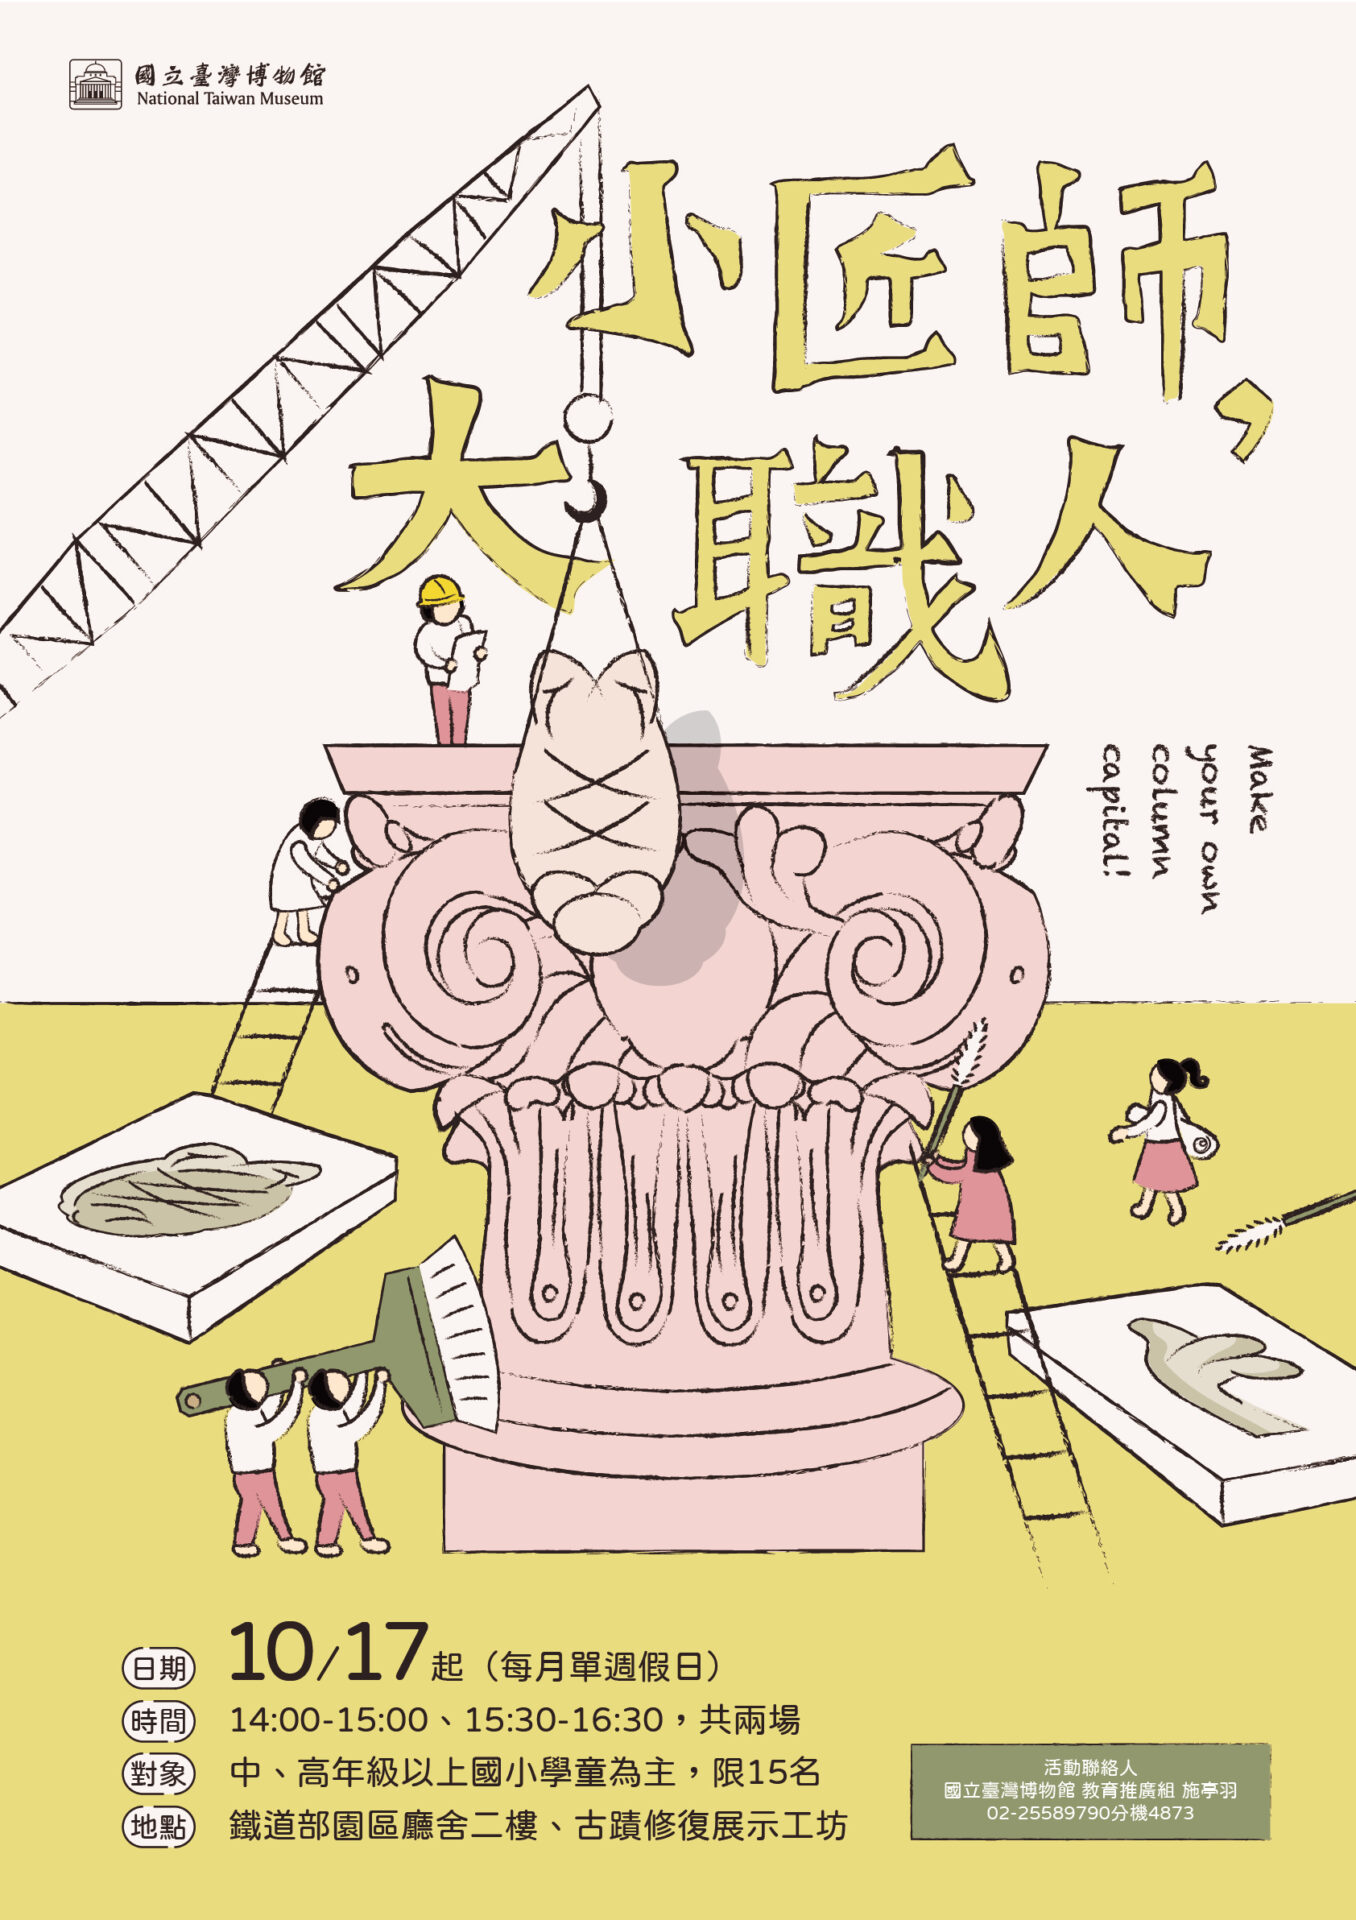 國立臺灣博物館:2021/2/6【「小匠師•大職人」手作體驗活動】